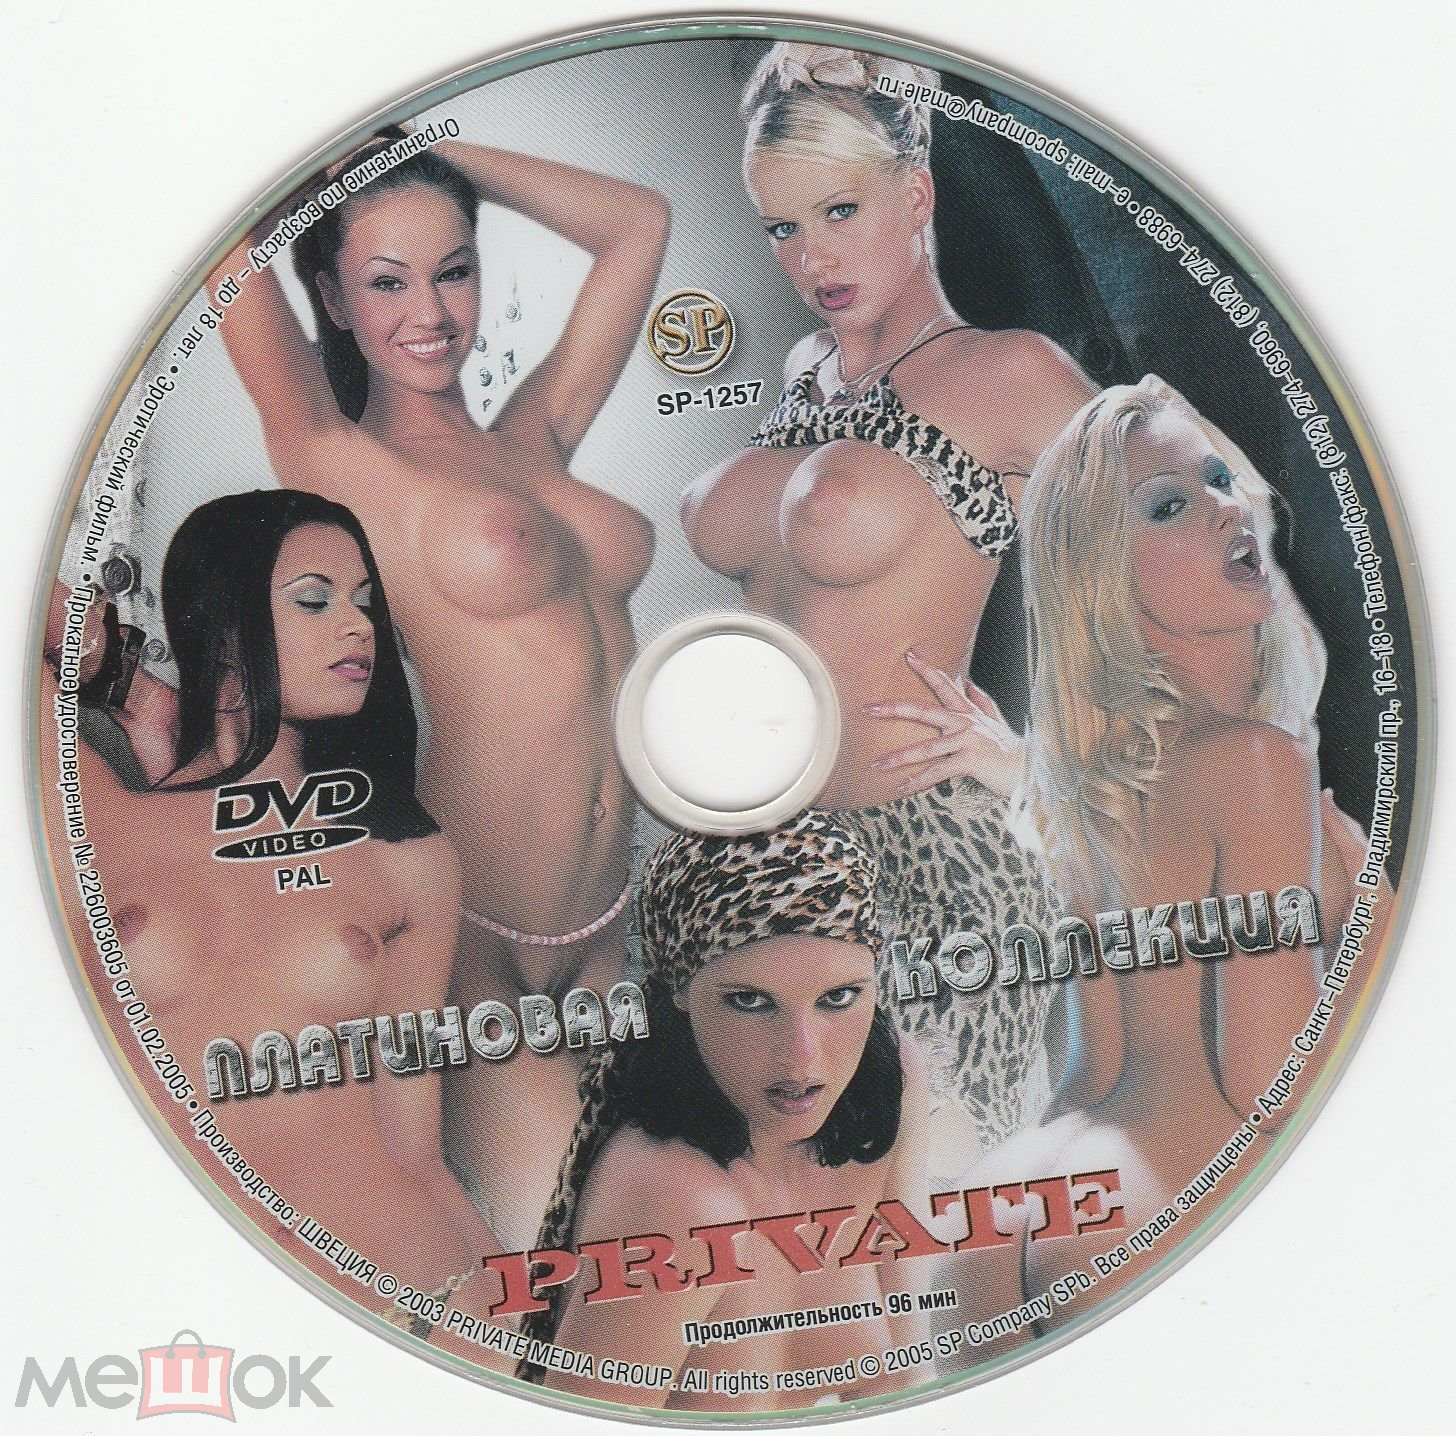 Золотая коллекция приват видео смотреть, елизово любители и исполнители орал секса